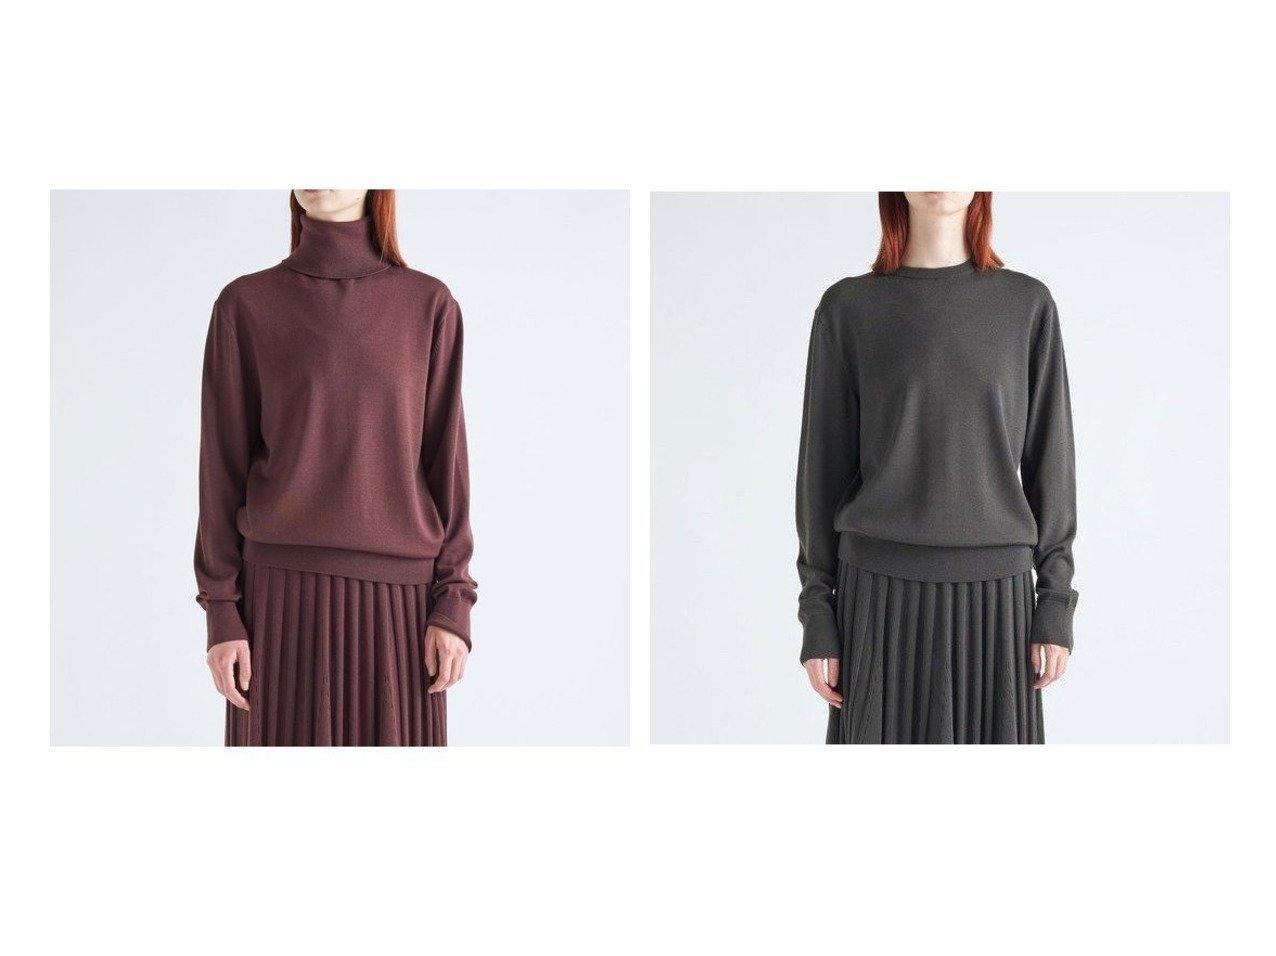 【ATON/エイトン】のクルーネックセーター(UNISEX)&タートルネックセーター(UNISEX) トップス・カットソーのおすすめ!人気、トレンド・レディースファッションの通販 おすすめで人気の流行・トレンド、ファッションの通販商品 メンズファッション・キッズファッション・インテリア・家具・レディースファッション・服の通販 founy(ファニー) https://founy.com/ ファッション Fashion レディースファッション WOMEN トップス Tops Tshirt タートルネック Turtleneck ギャザー セーター タートル タートルネック パターン ベーシック メンズ UNISEX レギュラー 送料無料 Free Shipping |ID:crp329100000011137